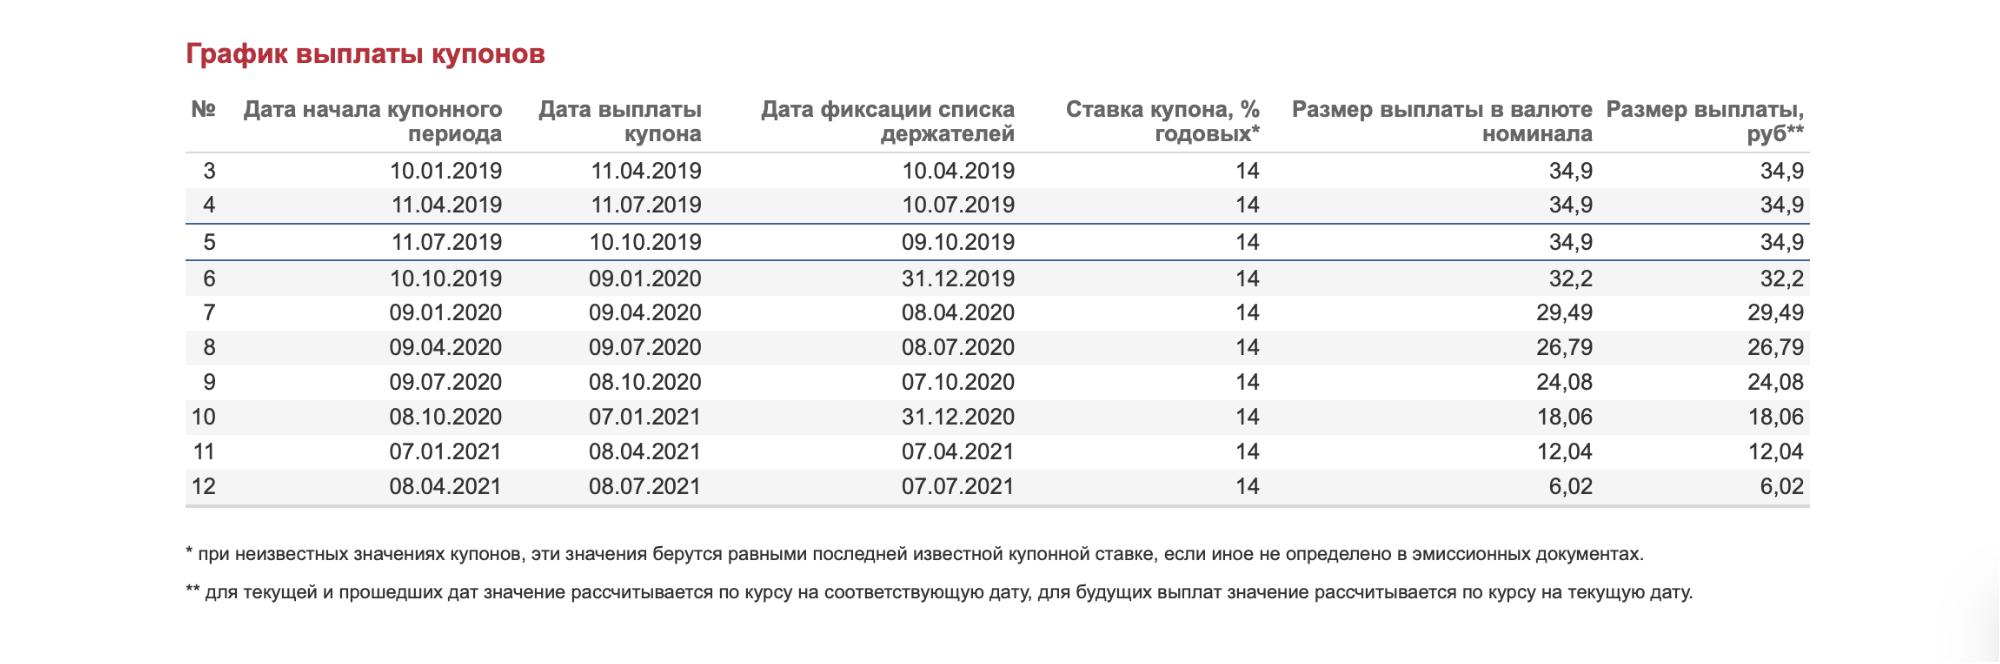 График выплат по облигациям «Легенды» — четыре раза в год: январь, апрель, июль и октябрь